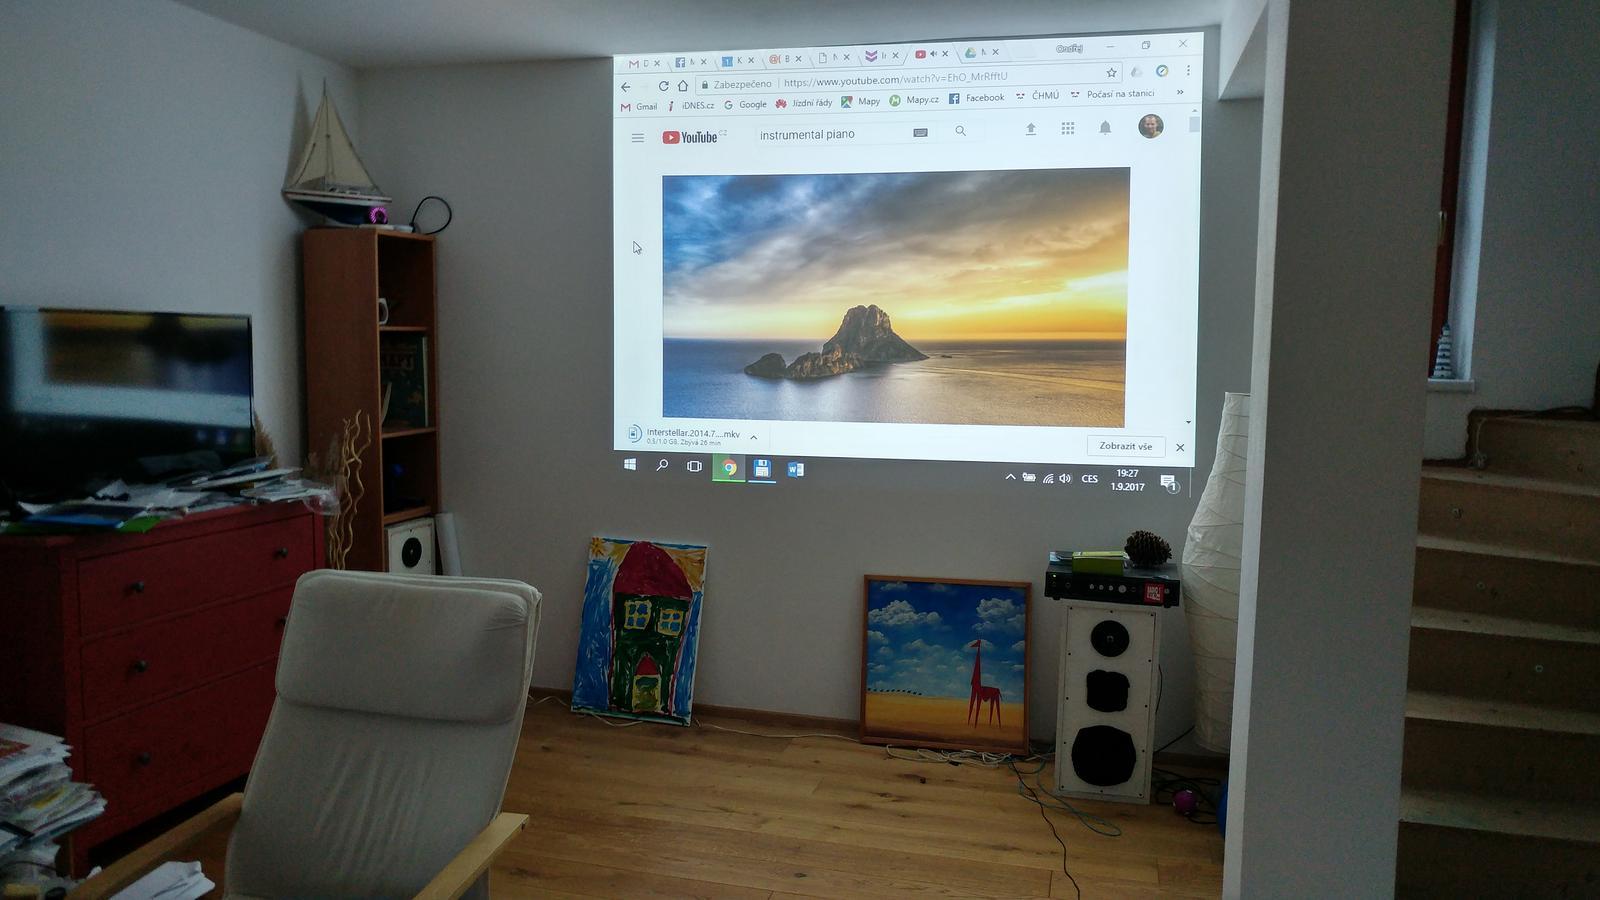 (Téměř) hotovo - 10 let starý projektor stále dobře slouží